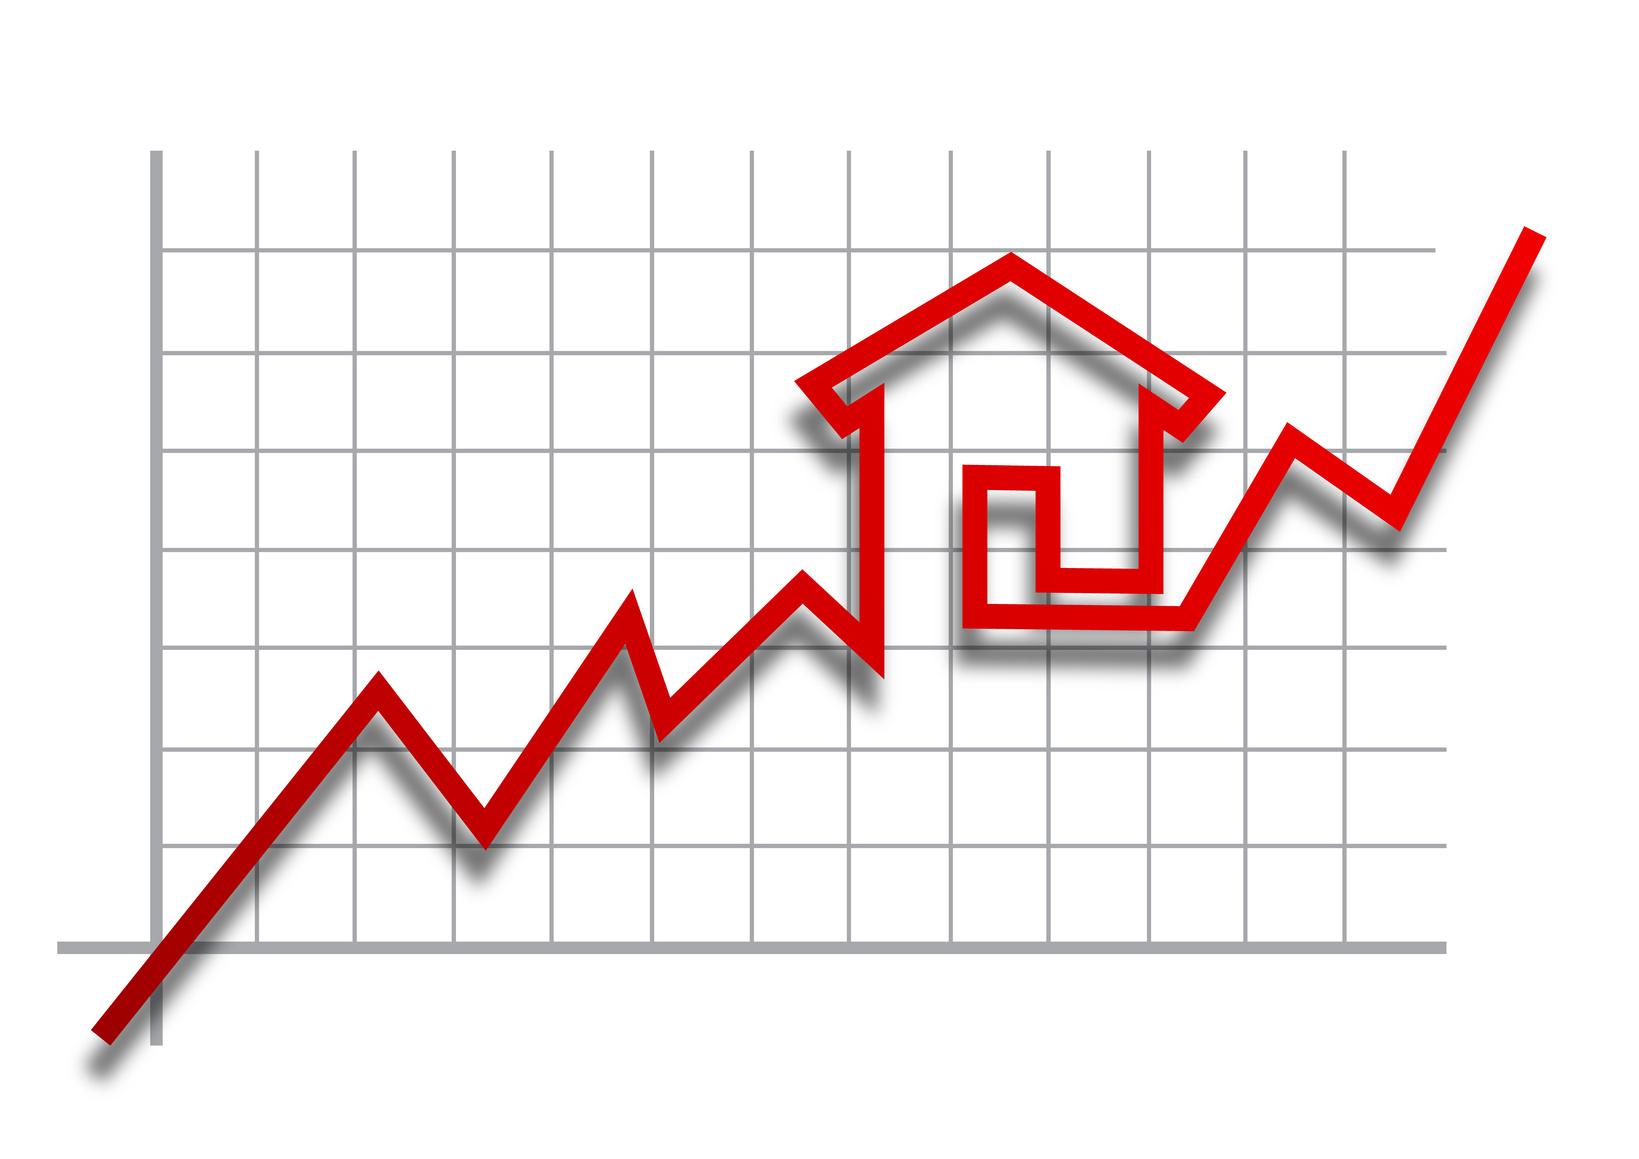 سقف مسکن روی سر مستأجران خراب شد/ آیا کنترل افزایش اجارهبها ممکن است؟